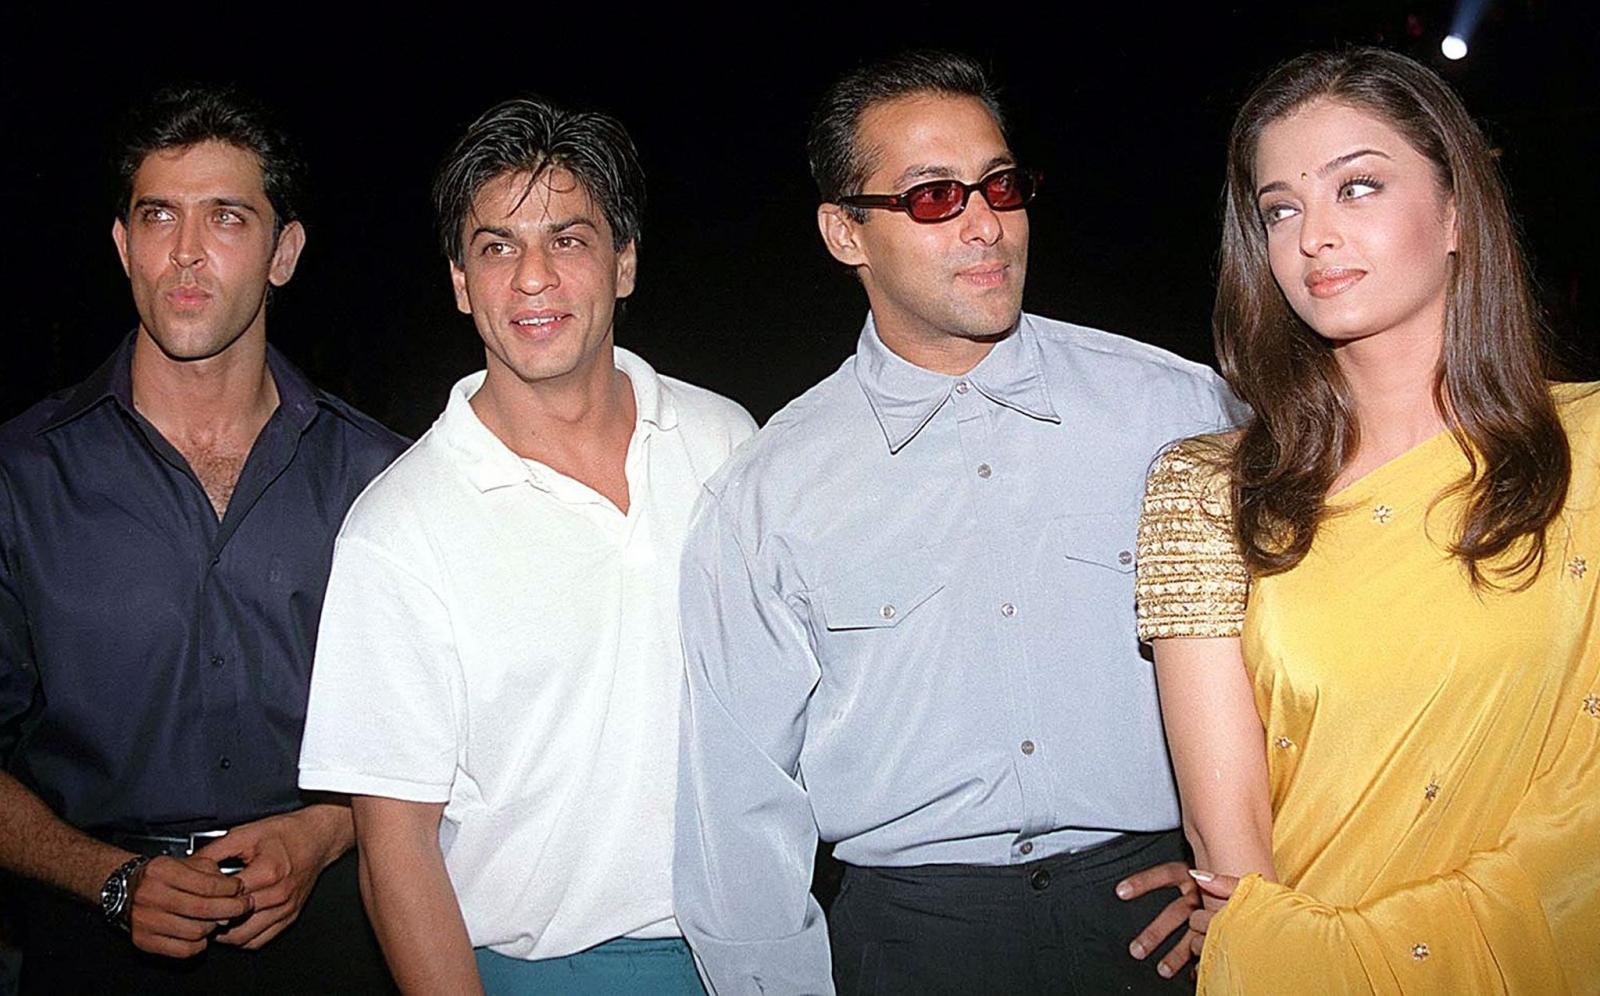 Hrithik Roshan, Shahrukh Khan, Salman Khan, and Aishwarya Rai